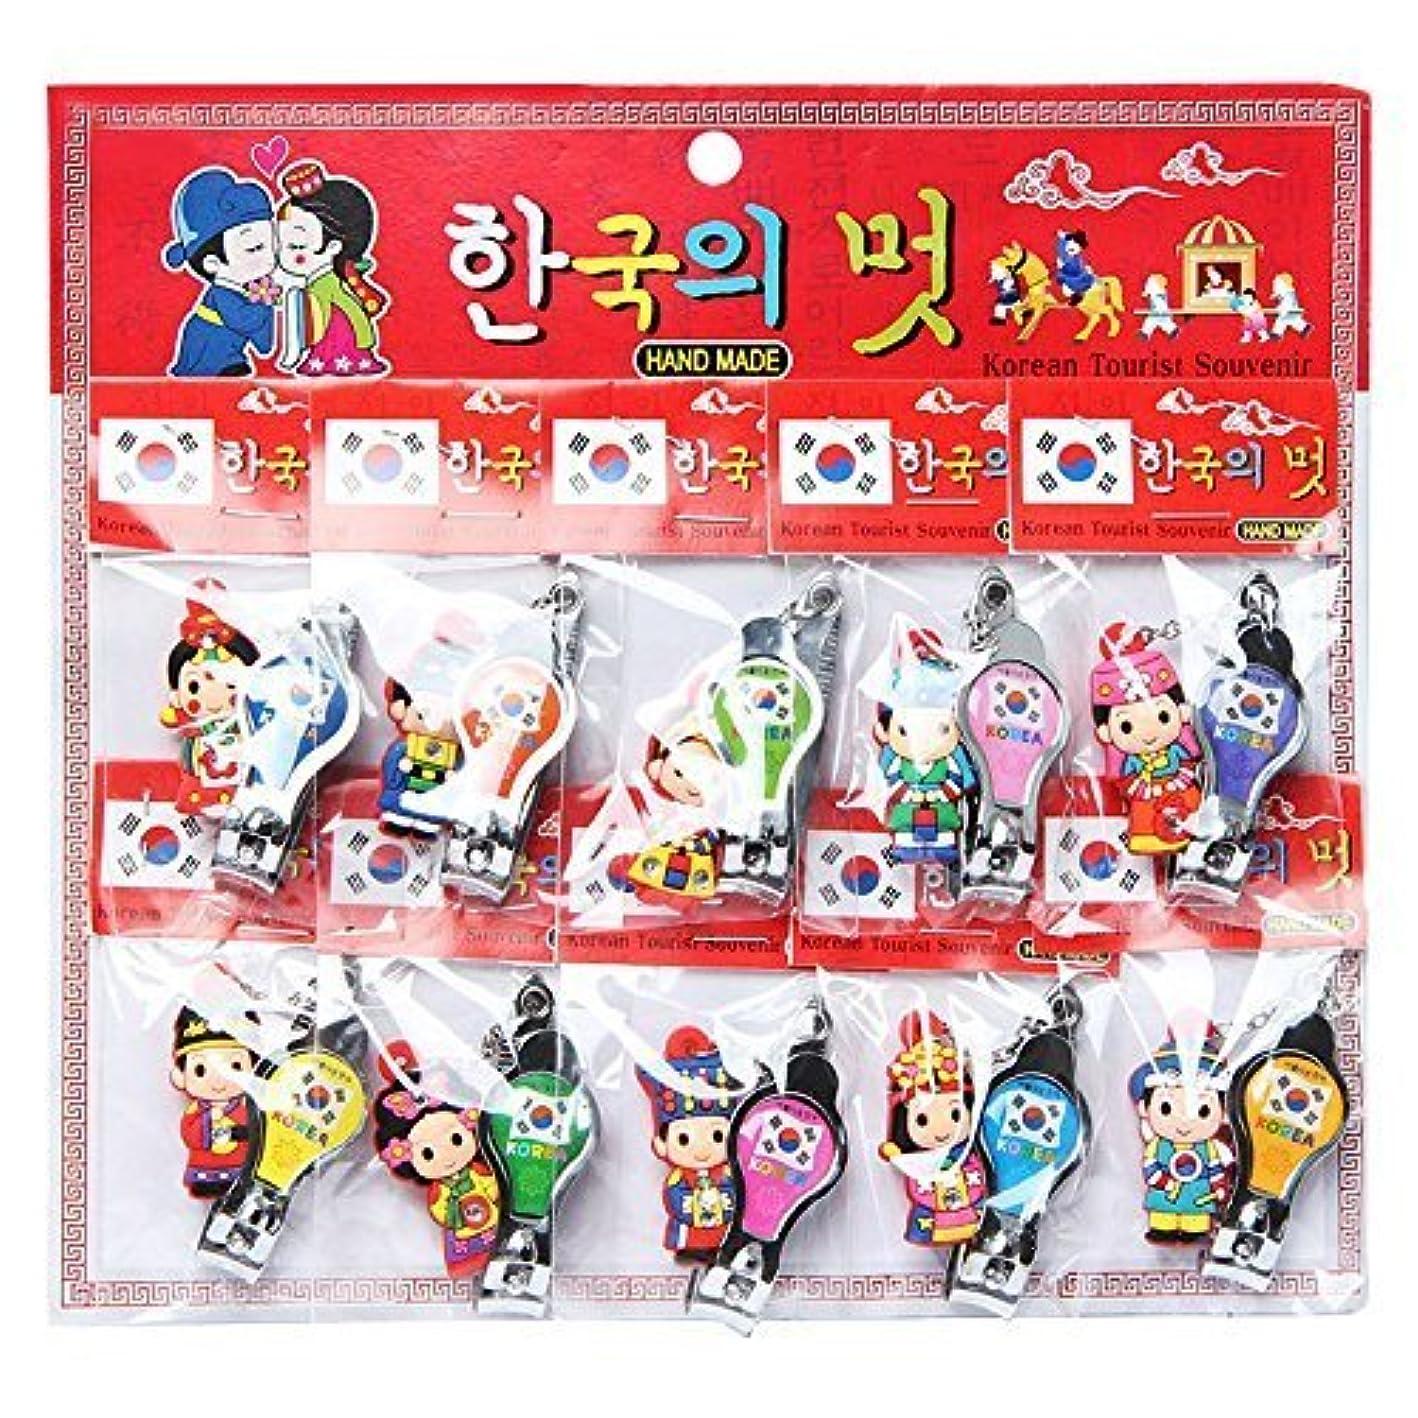 事実上大理石破壊的なKOREA style Nail clippers / 韓国のお土産ギフト [並行輸入品]